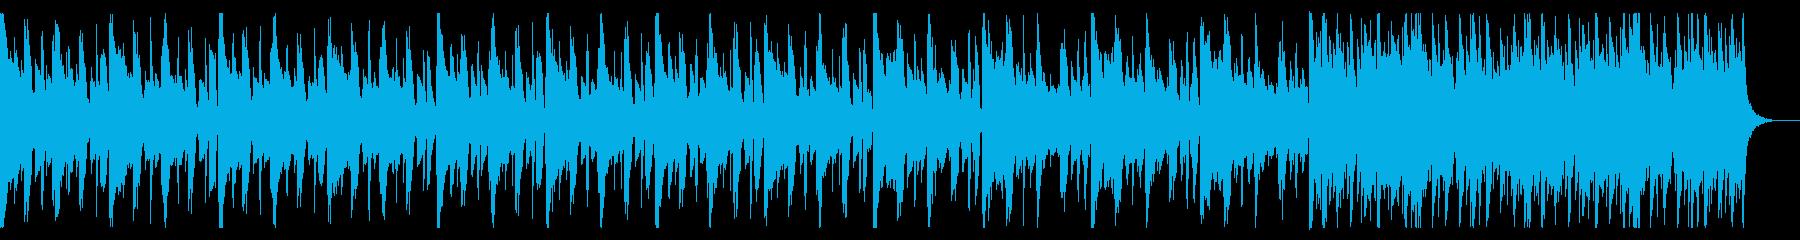 ドライブミュージック_No632_2の再生済みの波形